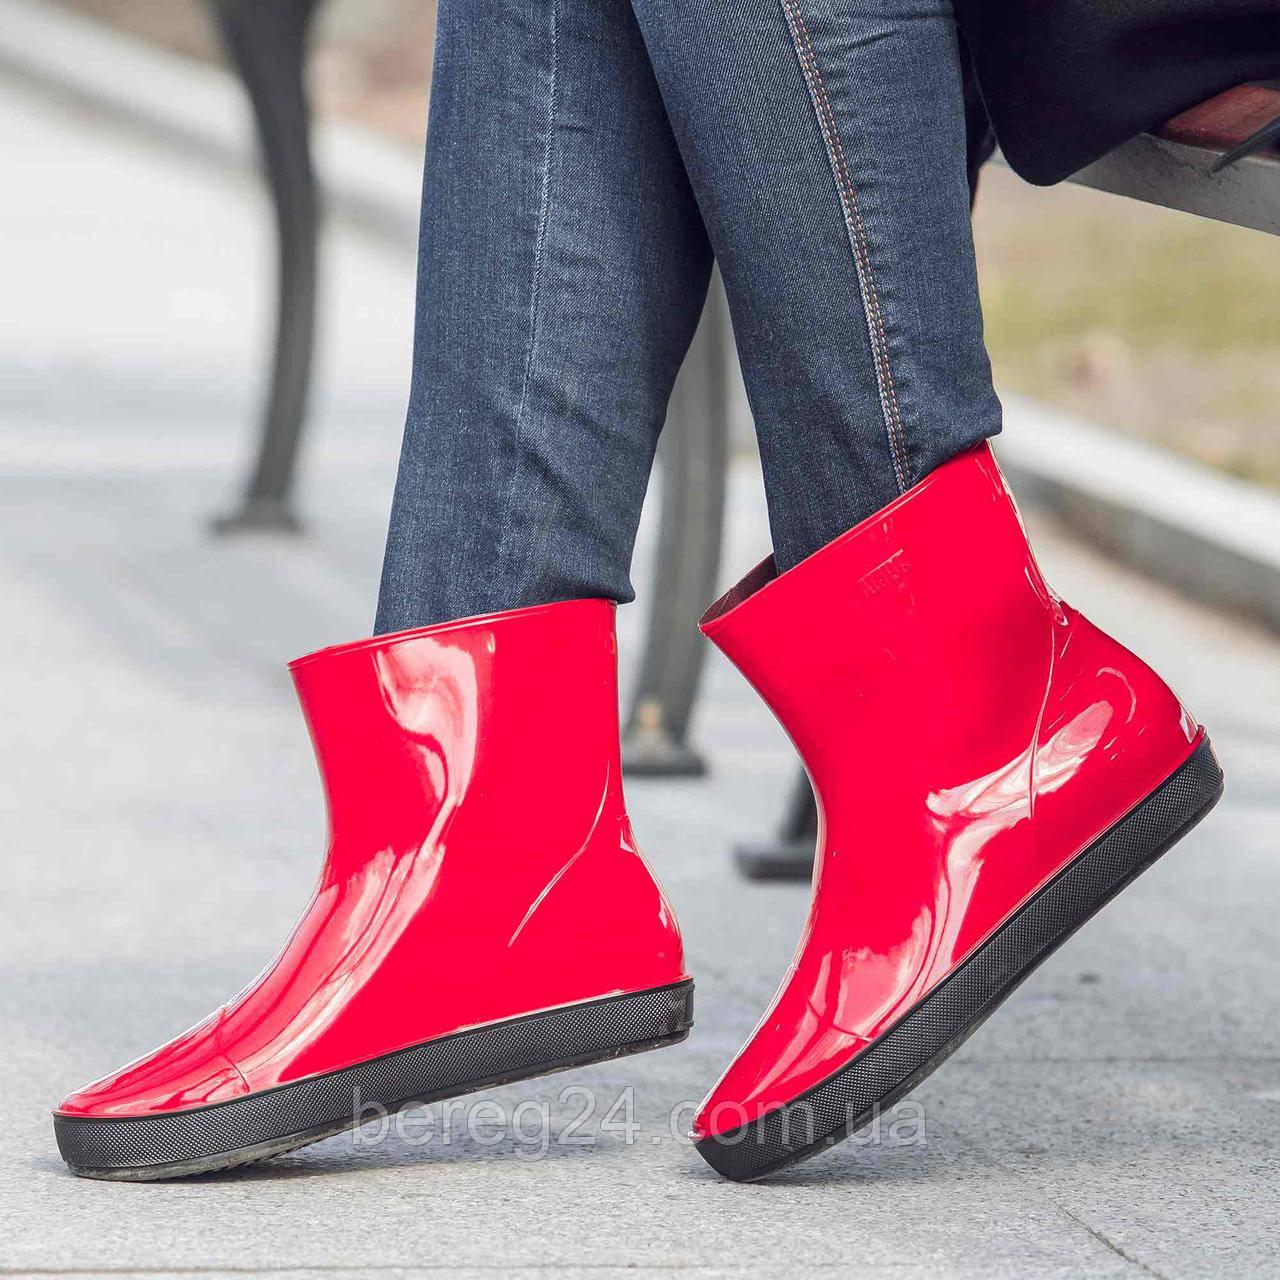 Женские резиновые сапоги (ботинки, ботильоны) Nordman Alida (Алида) Красные. Размер 36